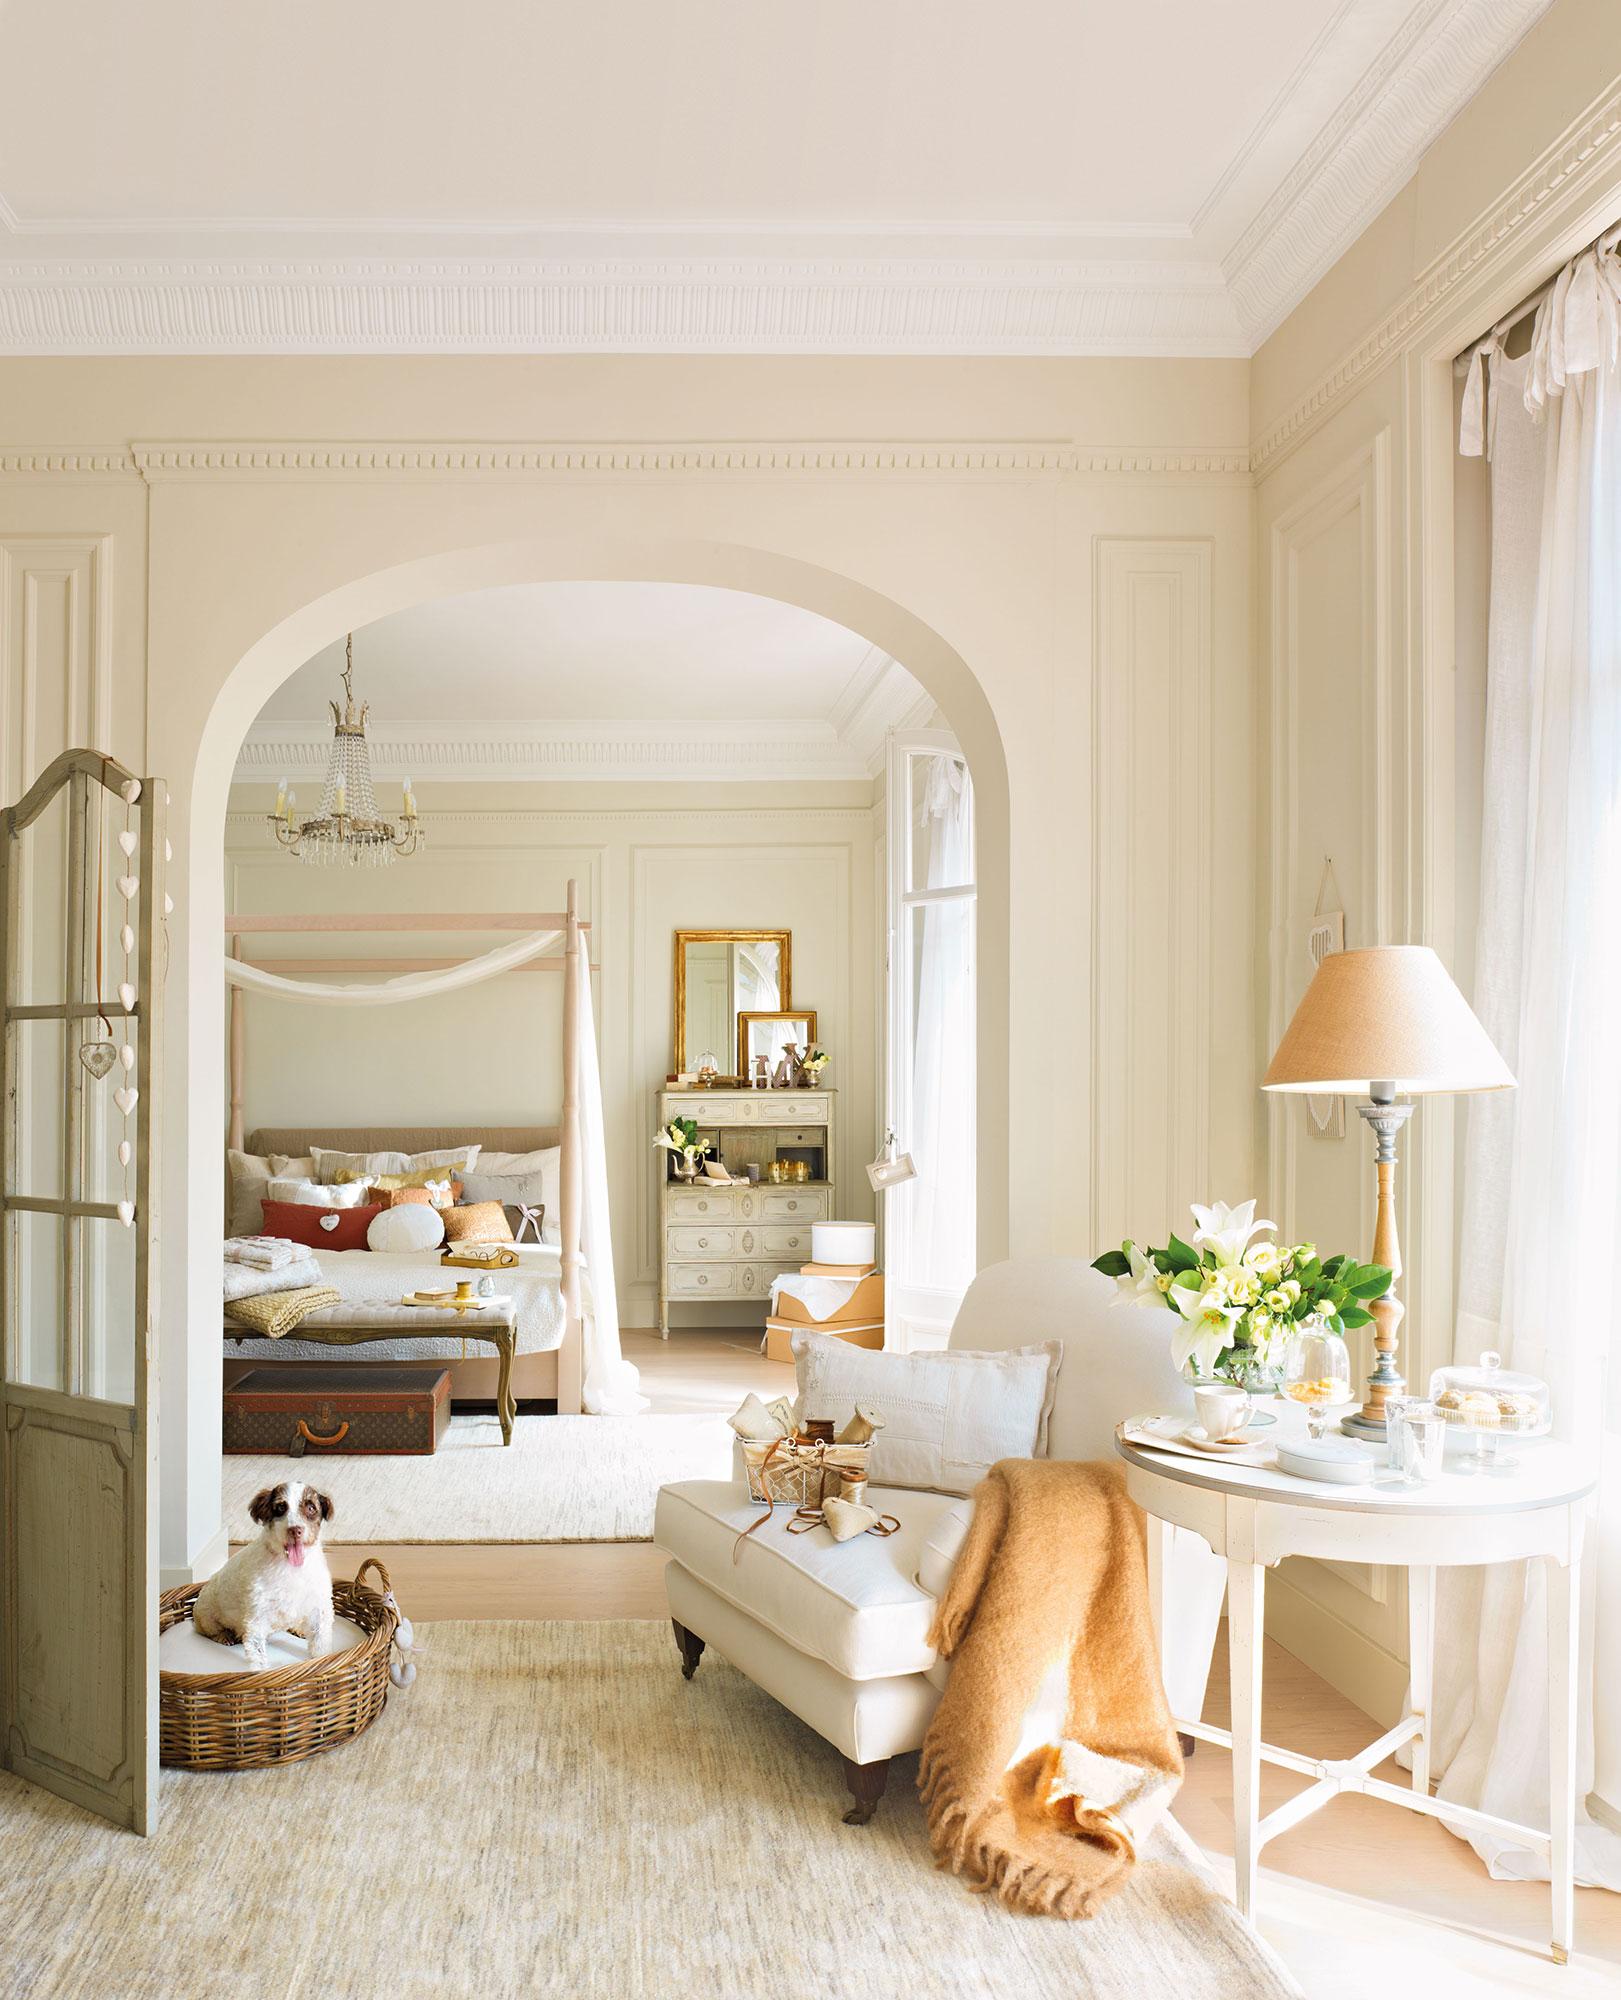 20 dormitorios con muchas ideas for Ver dormitorios decorados